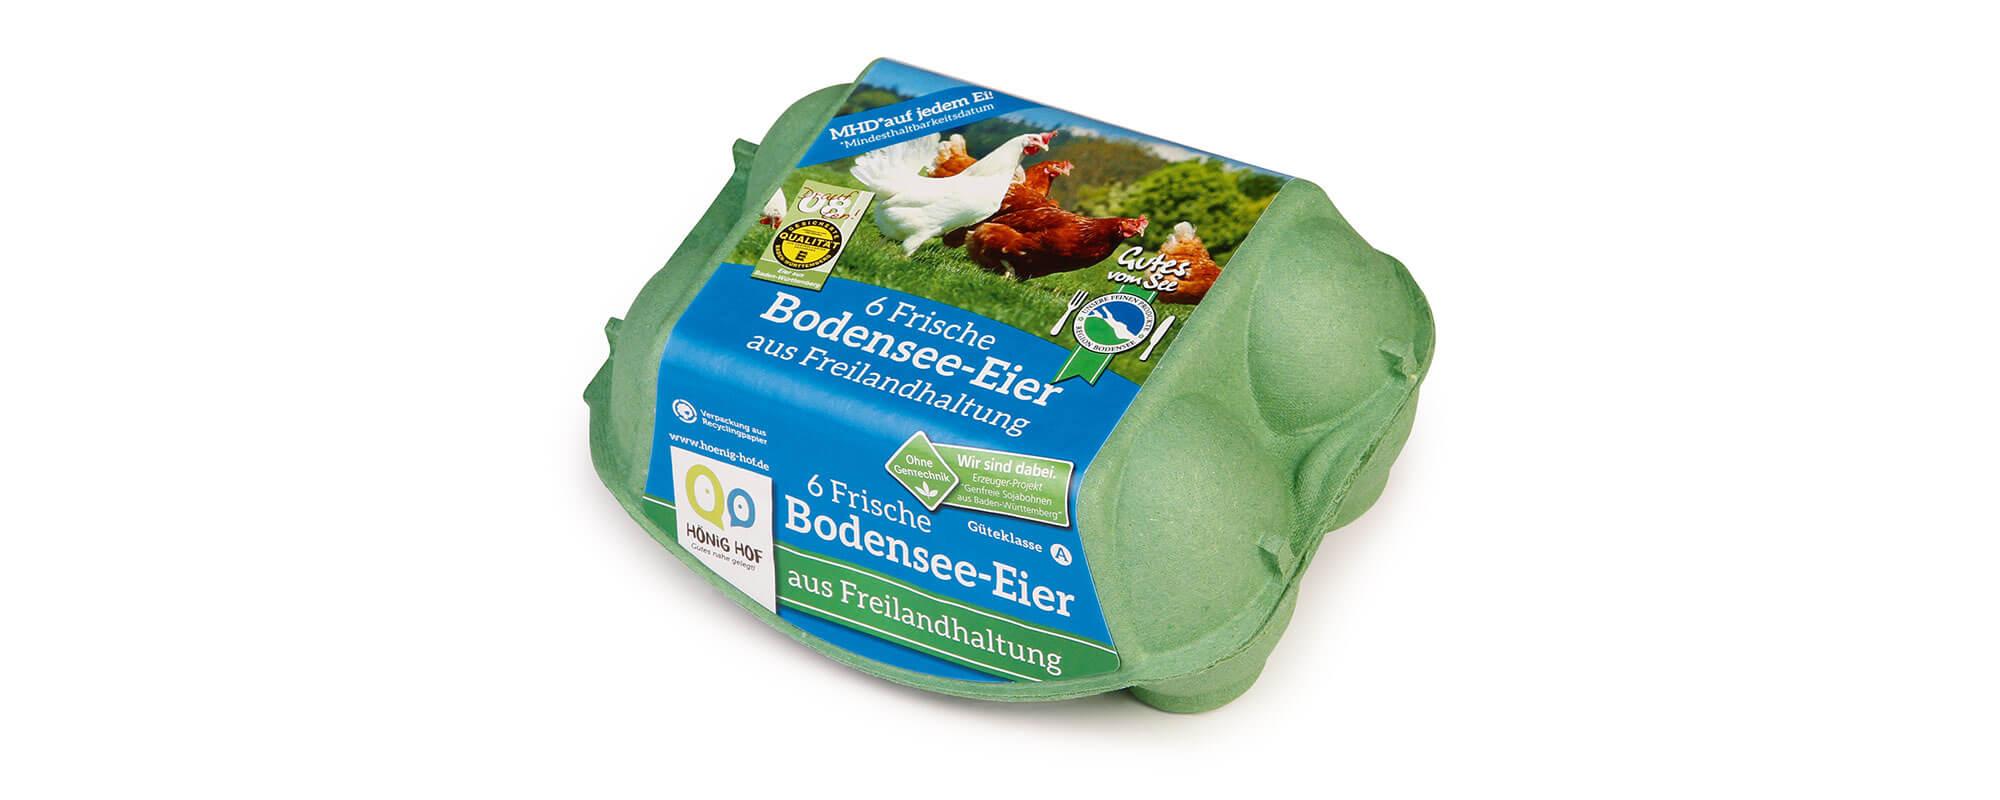 6er Bodensee-Eier aus Freilandhaltung